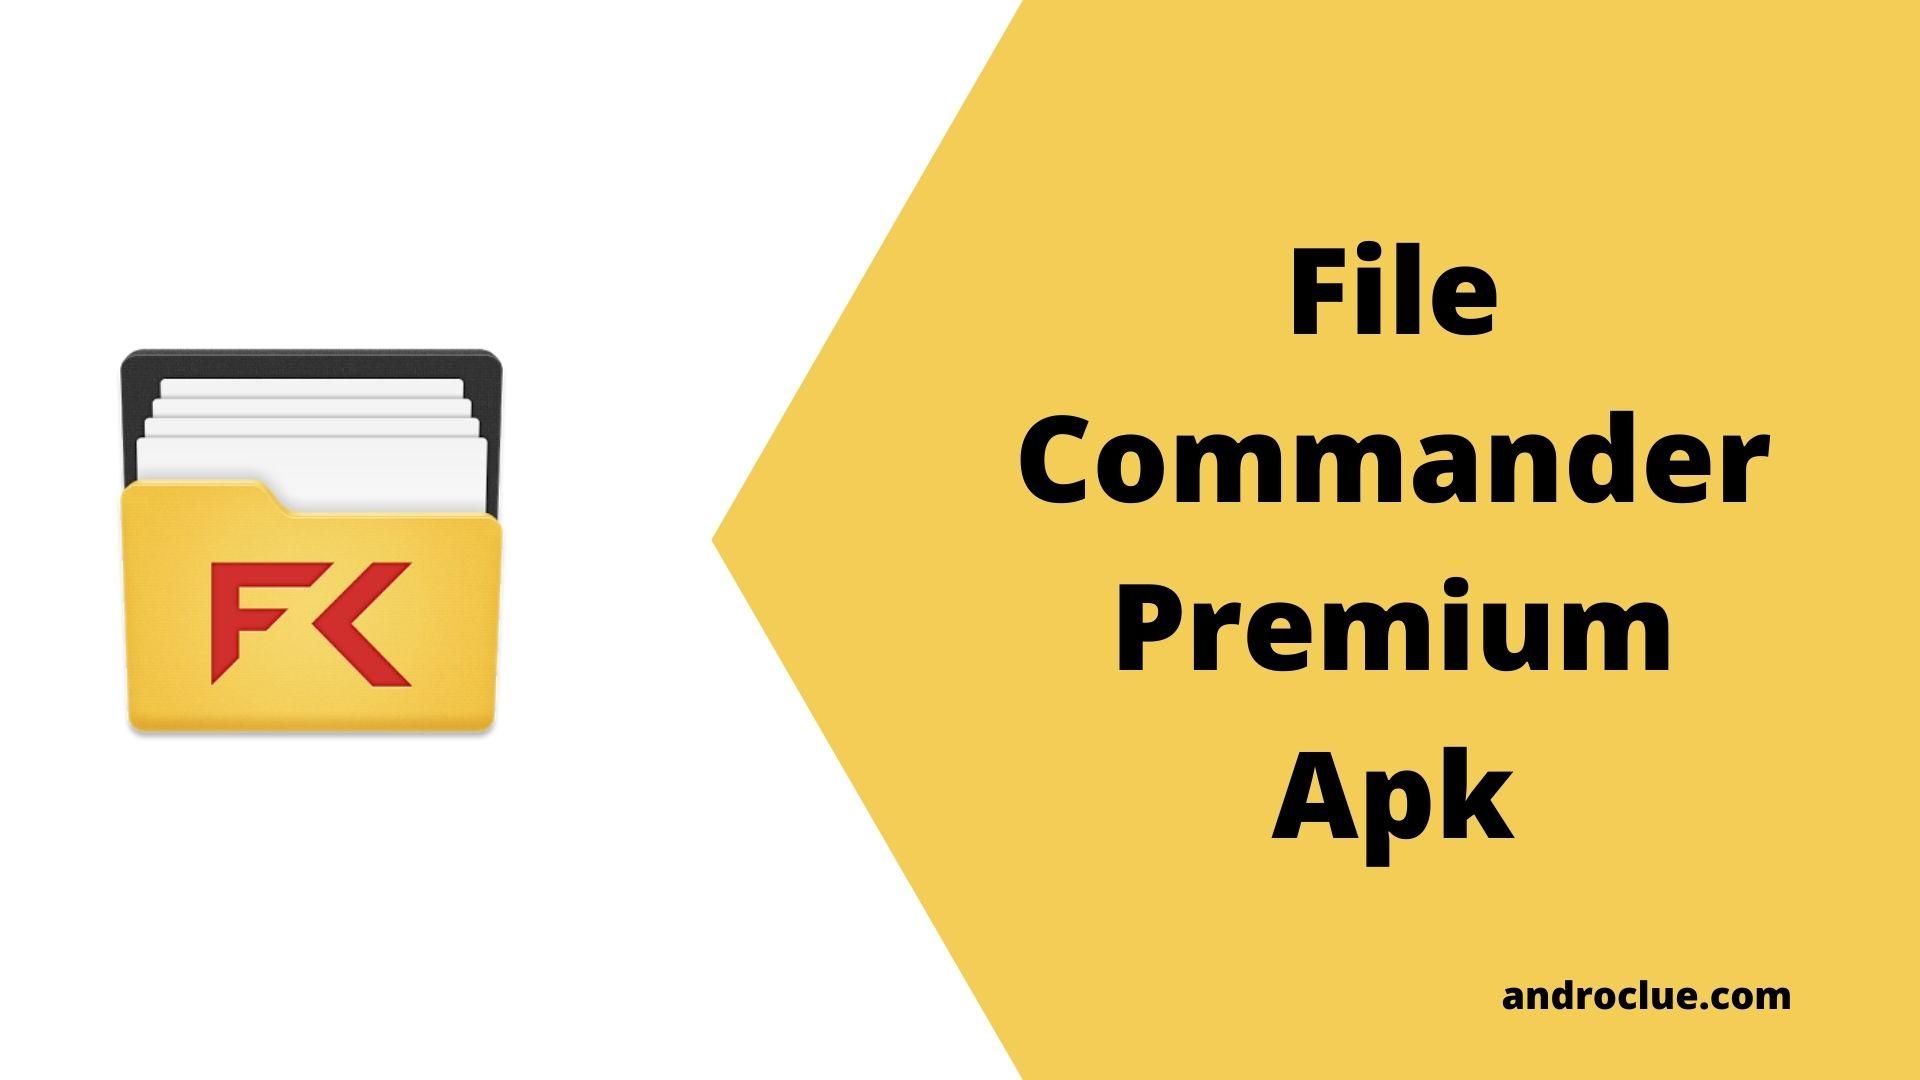 File Commander Premium Apk Pobierz najnowszą wersję (2020)